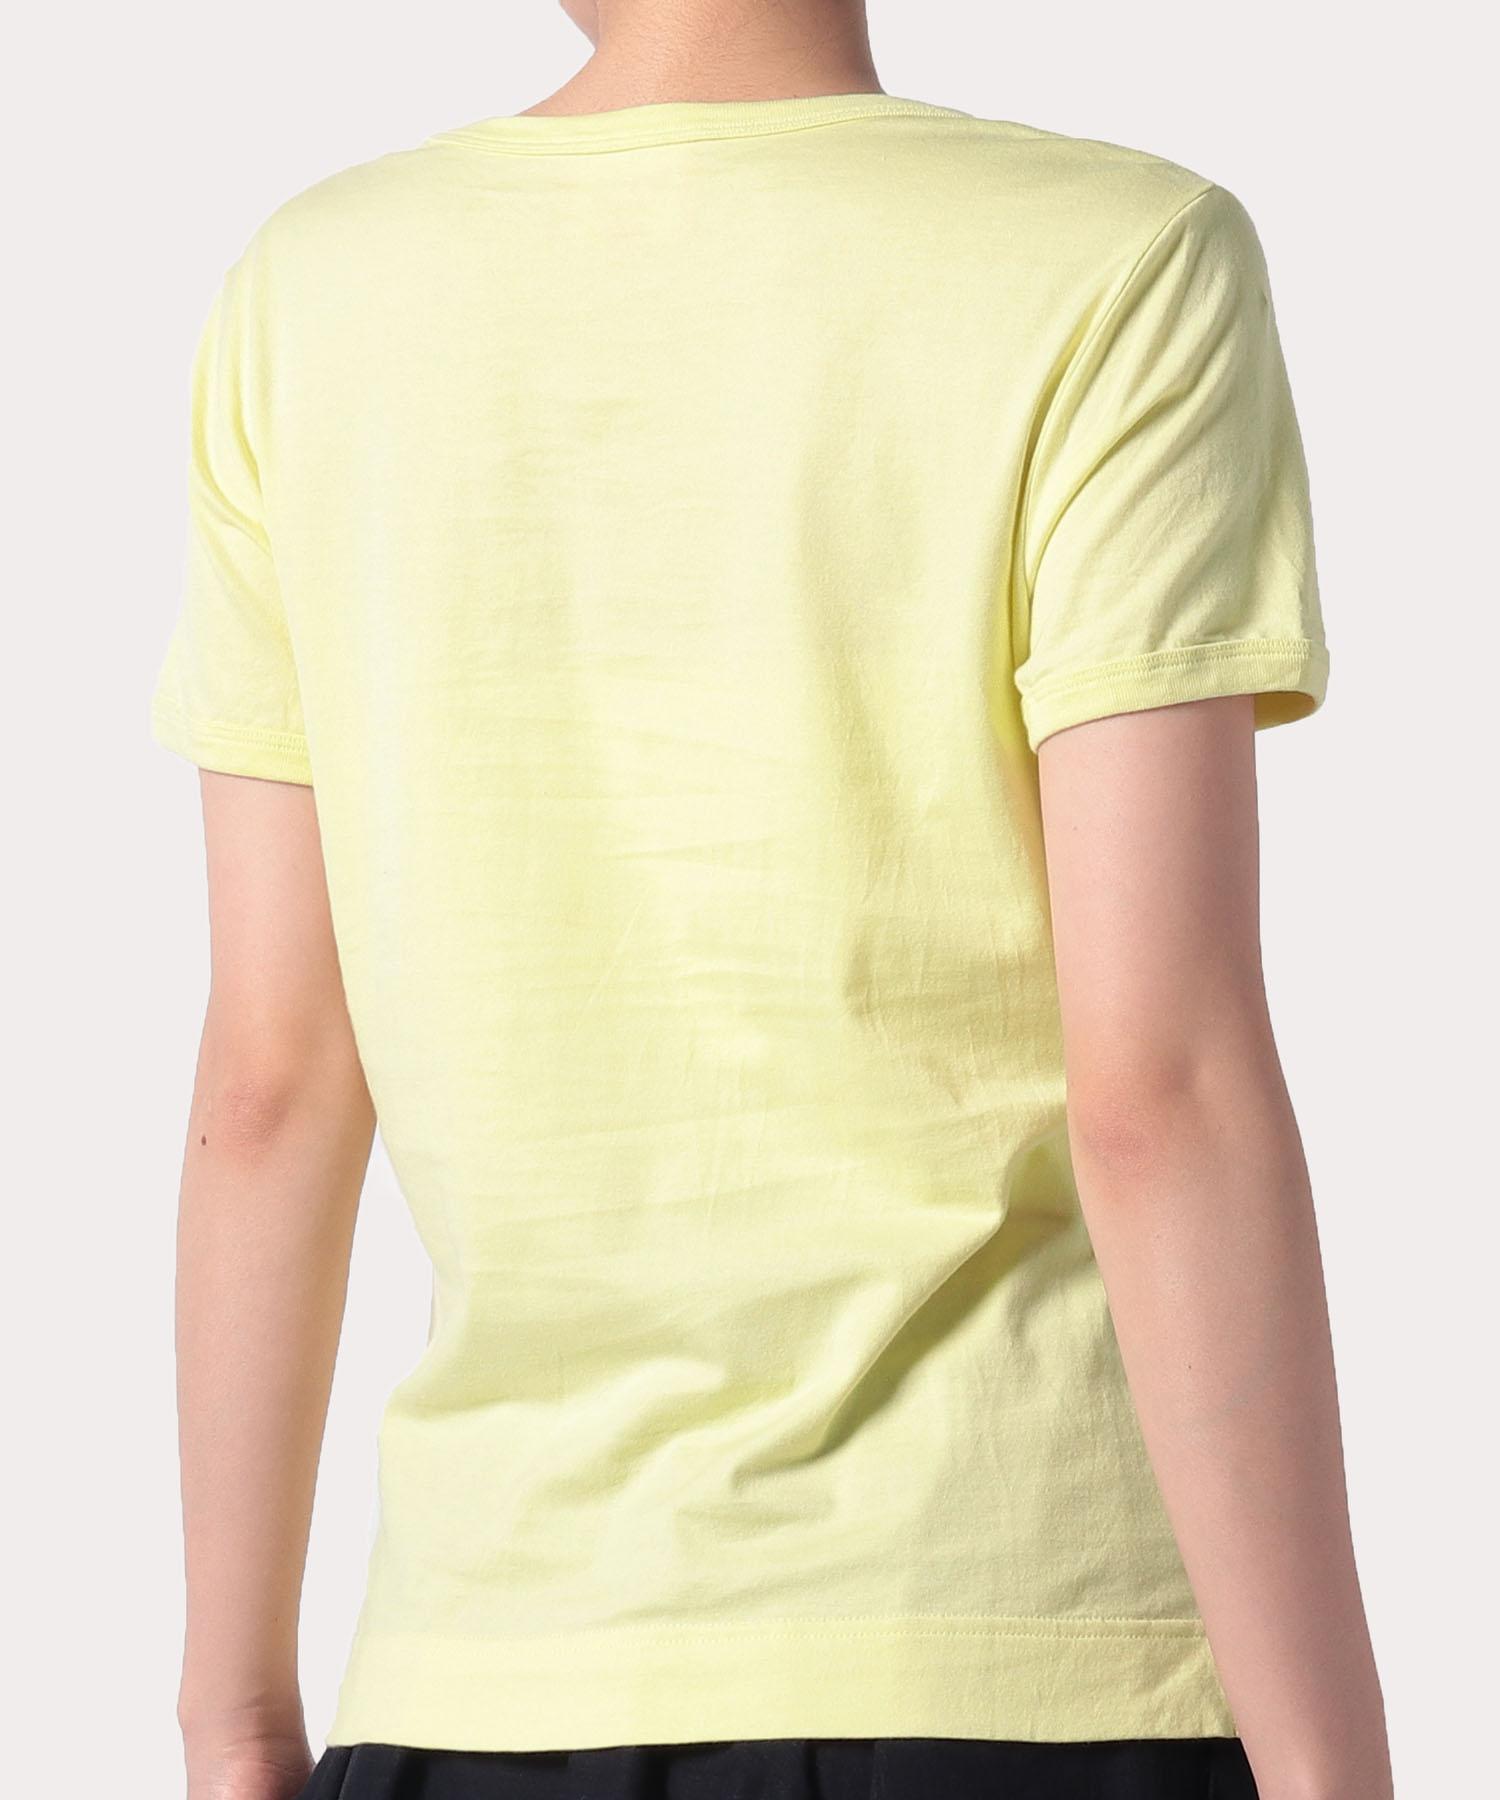 デンジャラスアニマル クラシックTシャツ